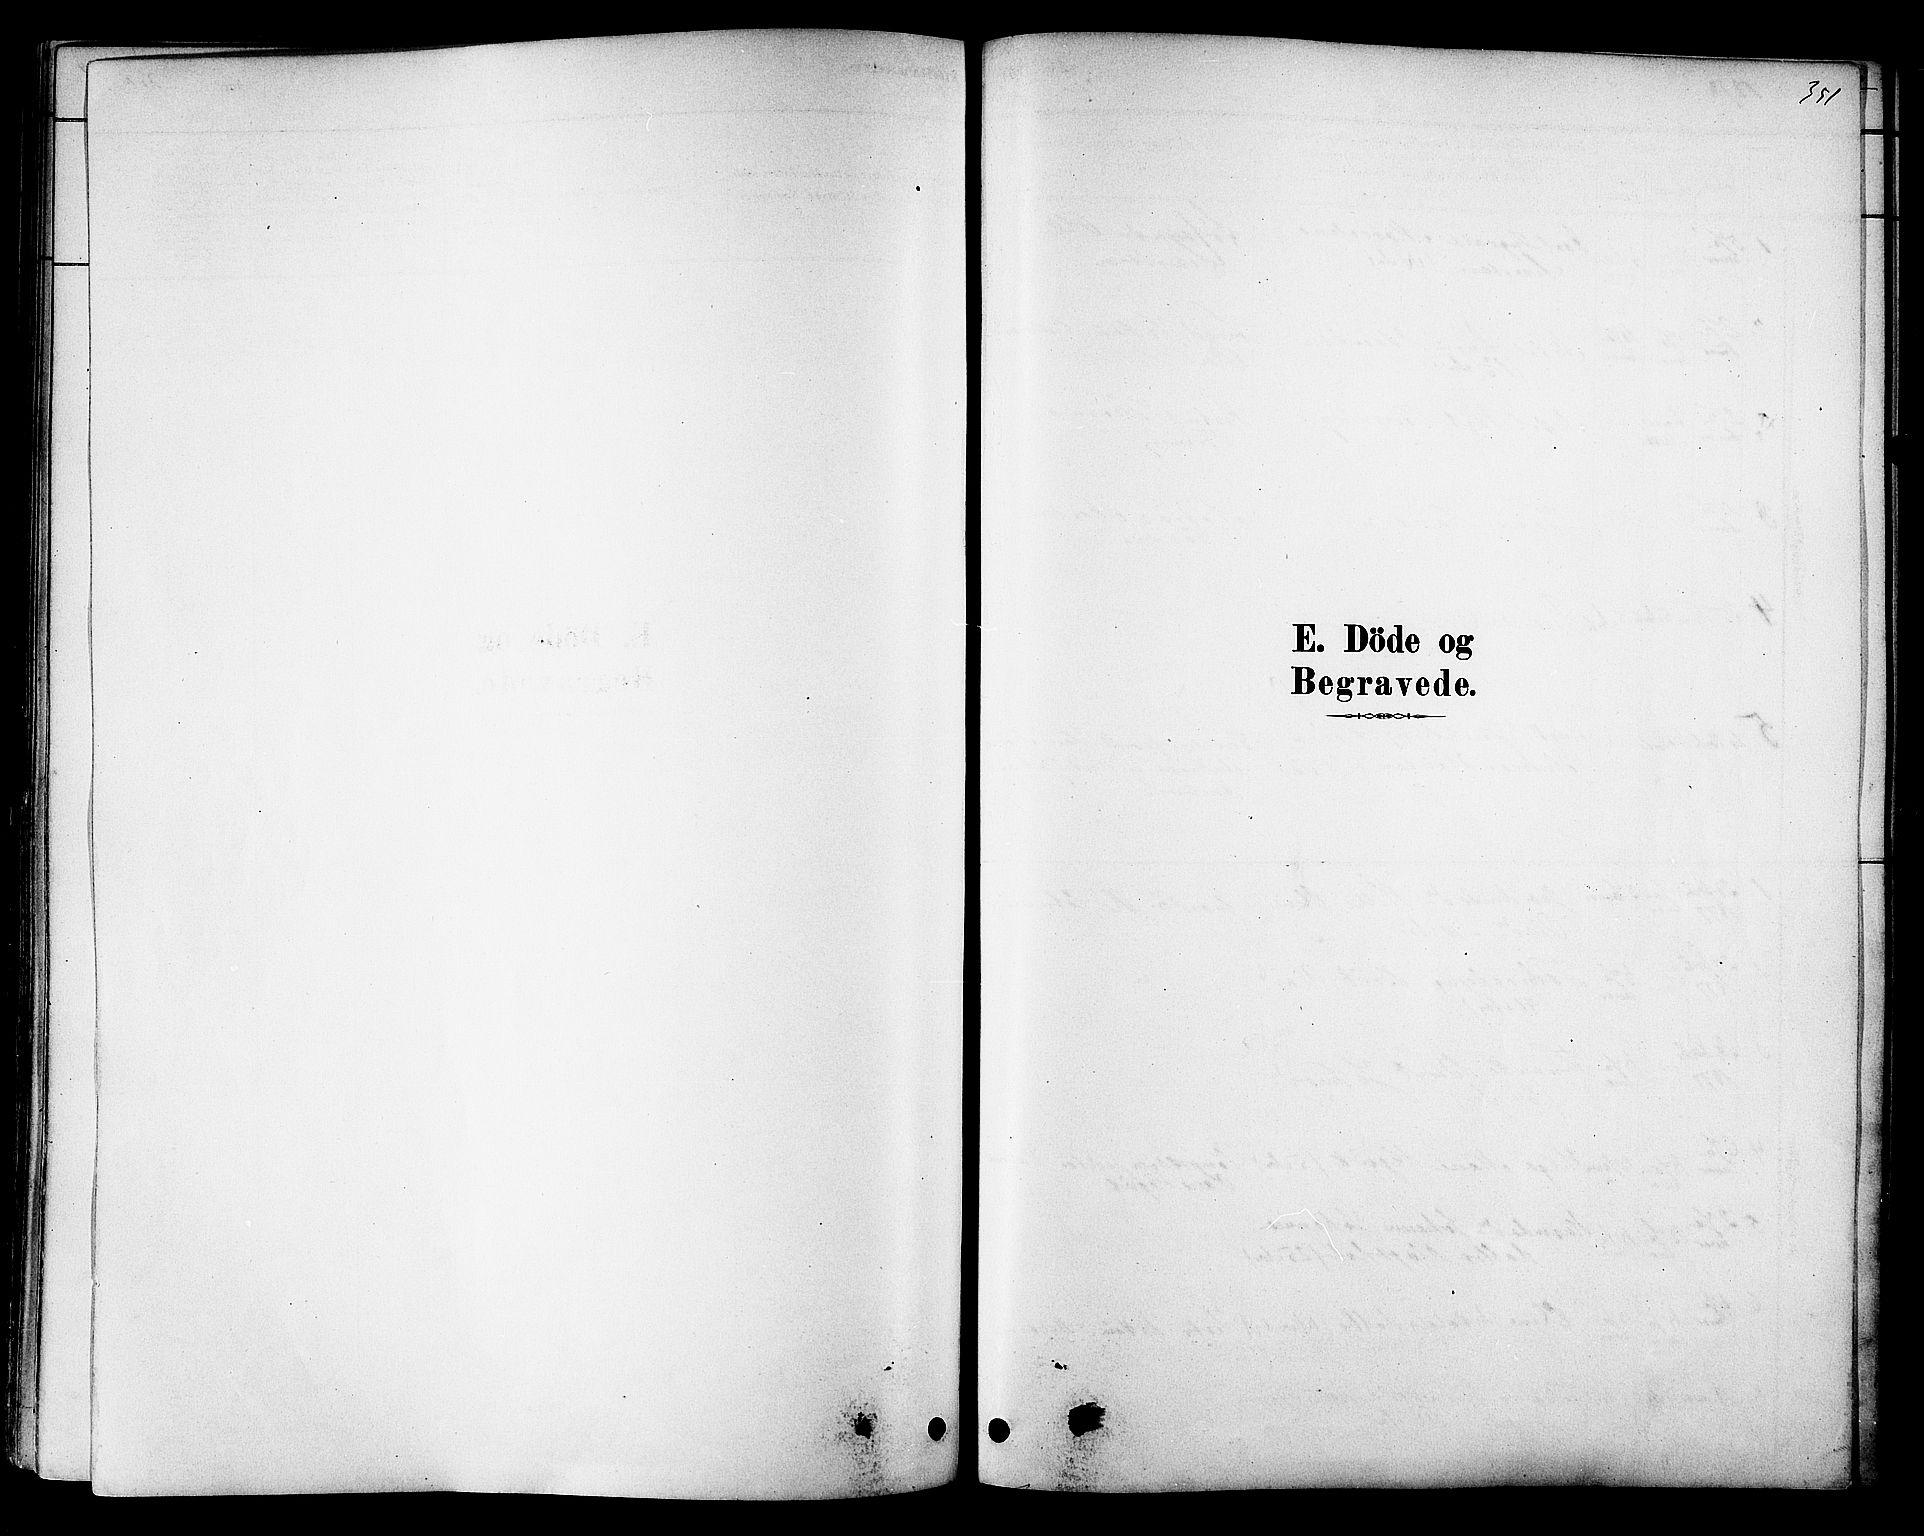 SAT, Ministerialprotokoller, klokkerbøker og fødselsregistre - Sør-Trøndelag, 606/L0294: Ministerialbok nr. 606A09, 1878-1886, s. 351